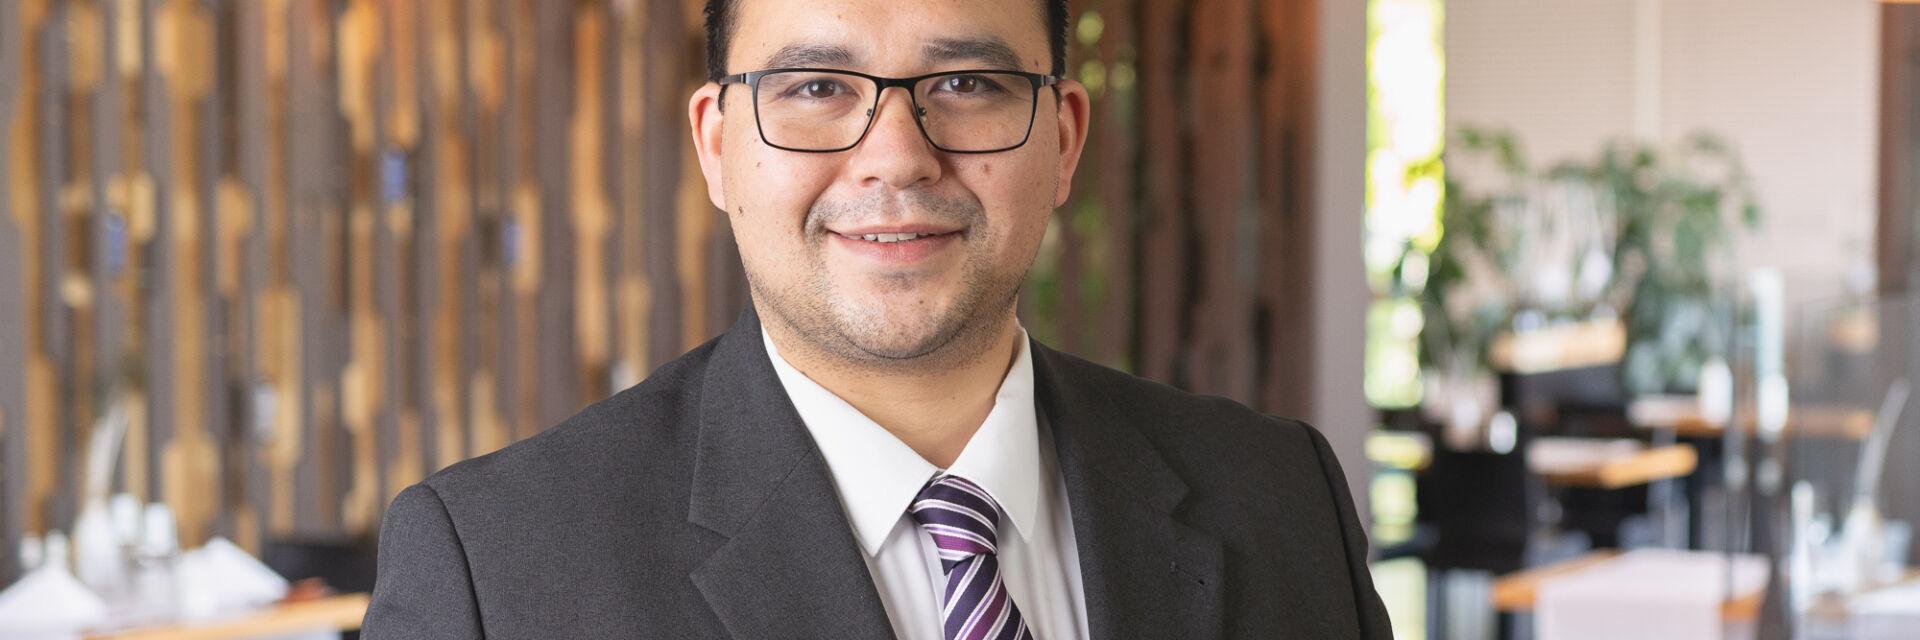 Ricardo Rieche